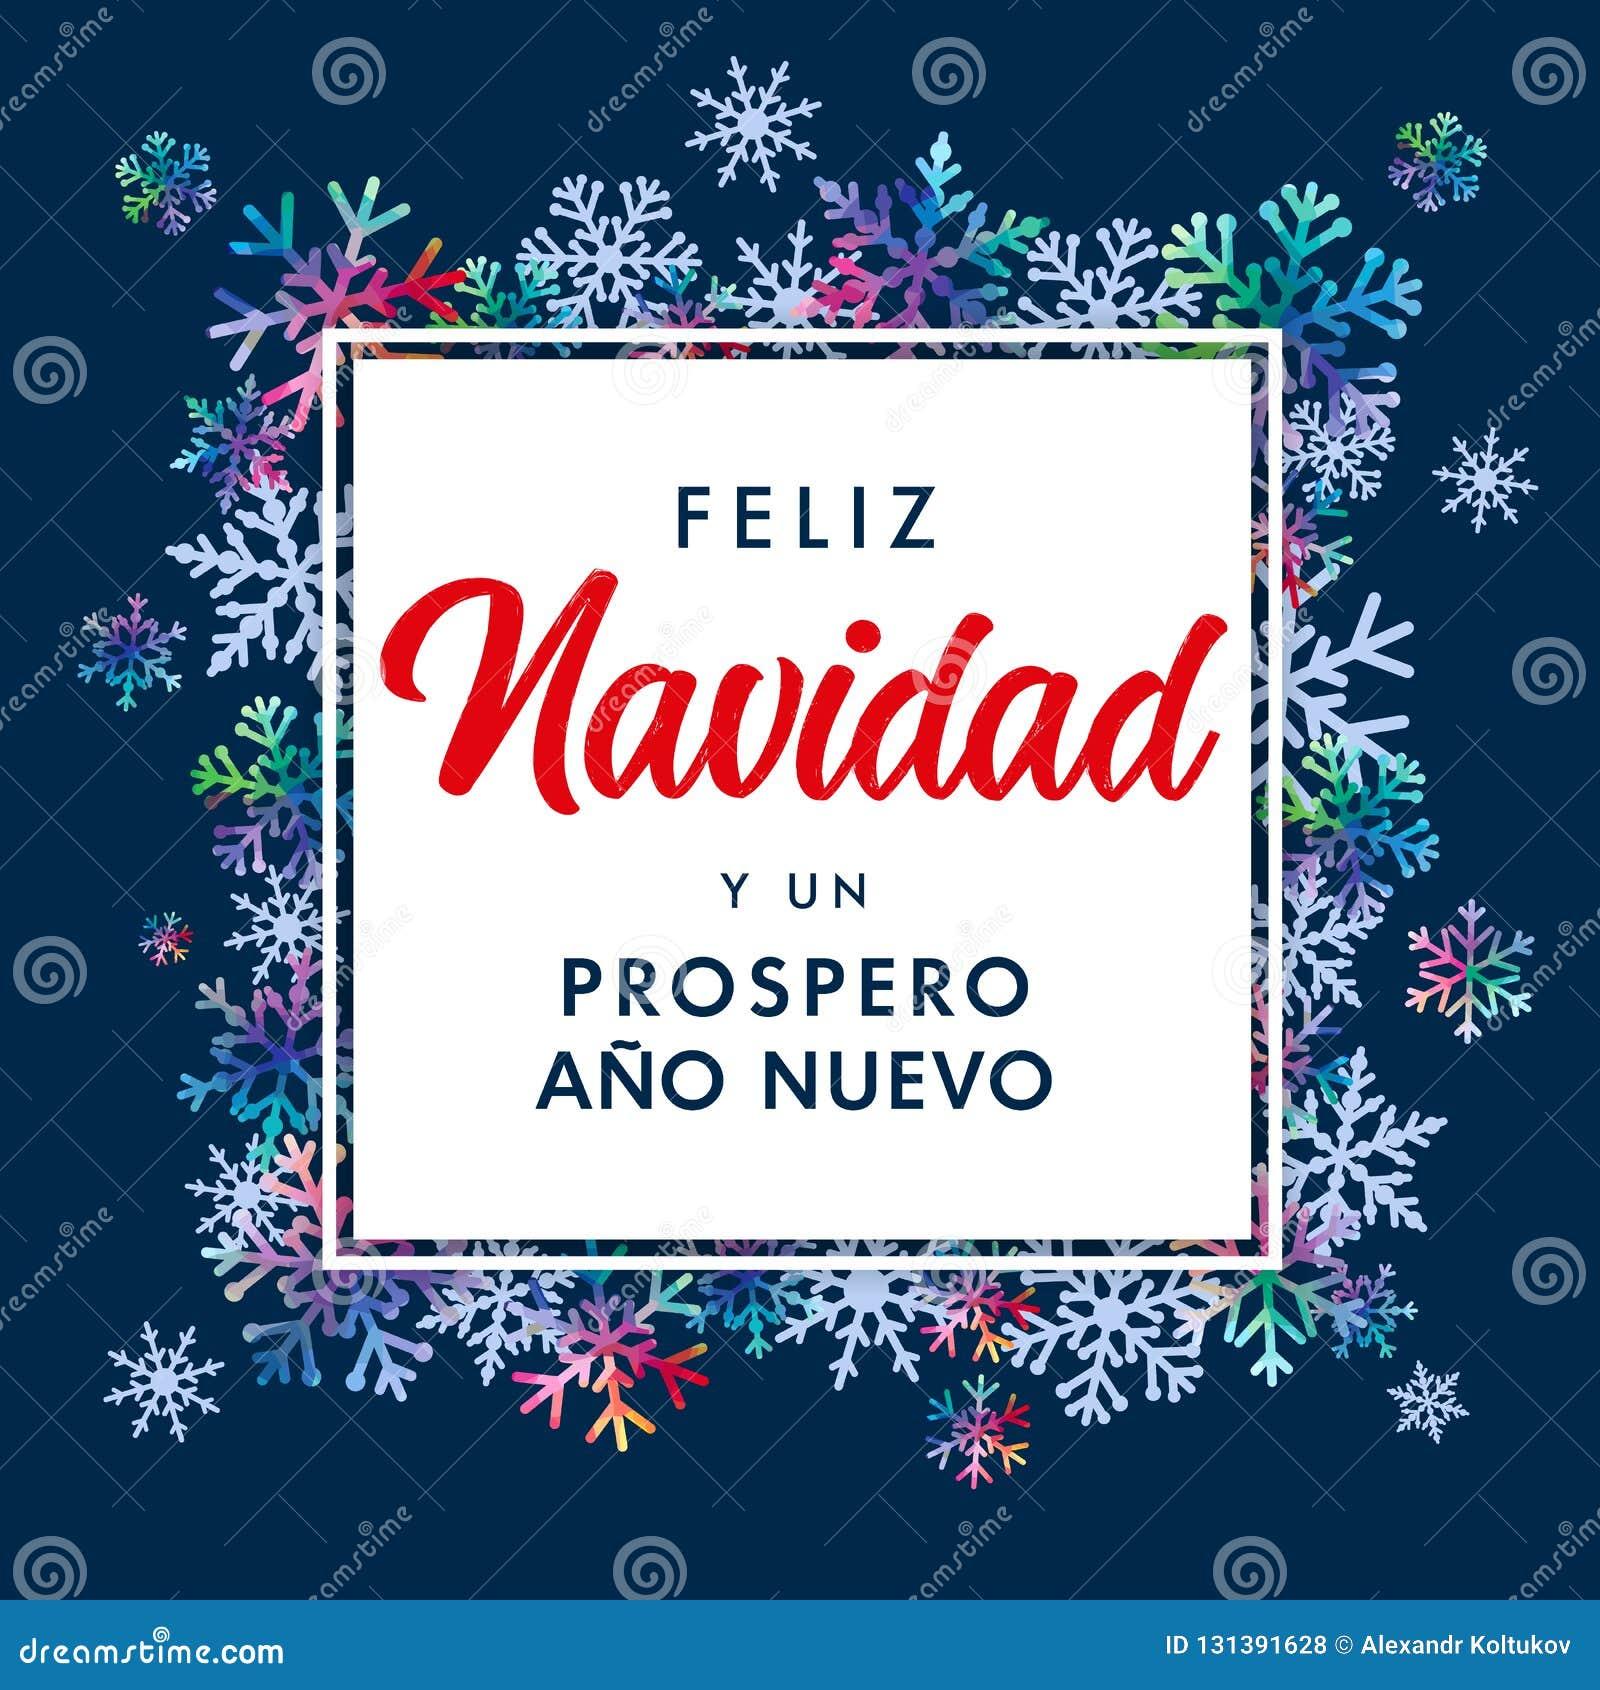 übersetzer Frohe Weihnachten.Feliz Navidad Spanish Text Prospero Ano Nuevo übersetzen Sie